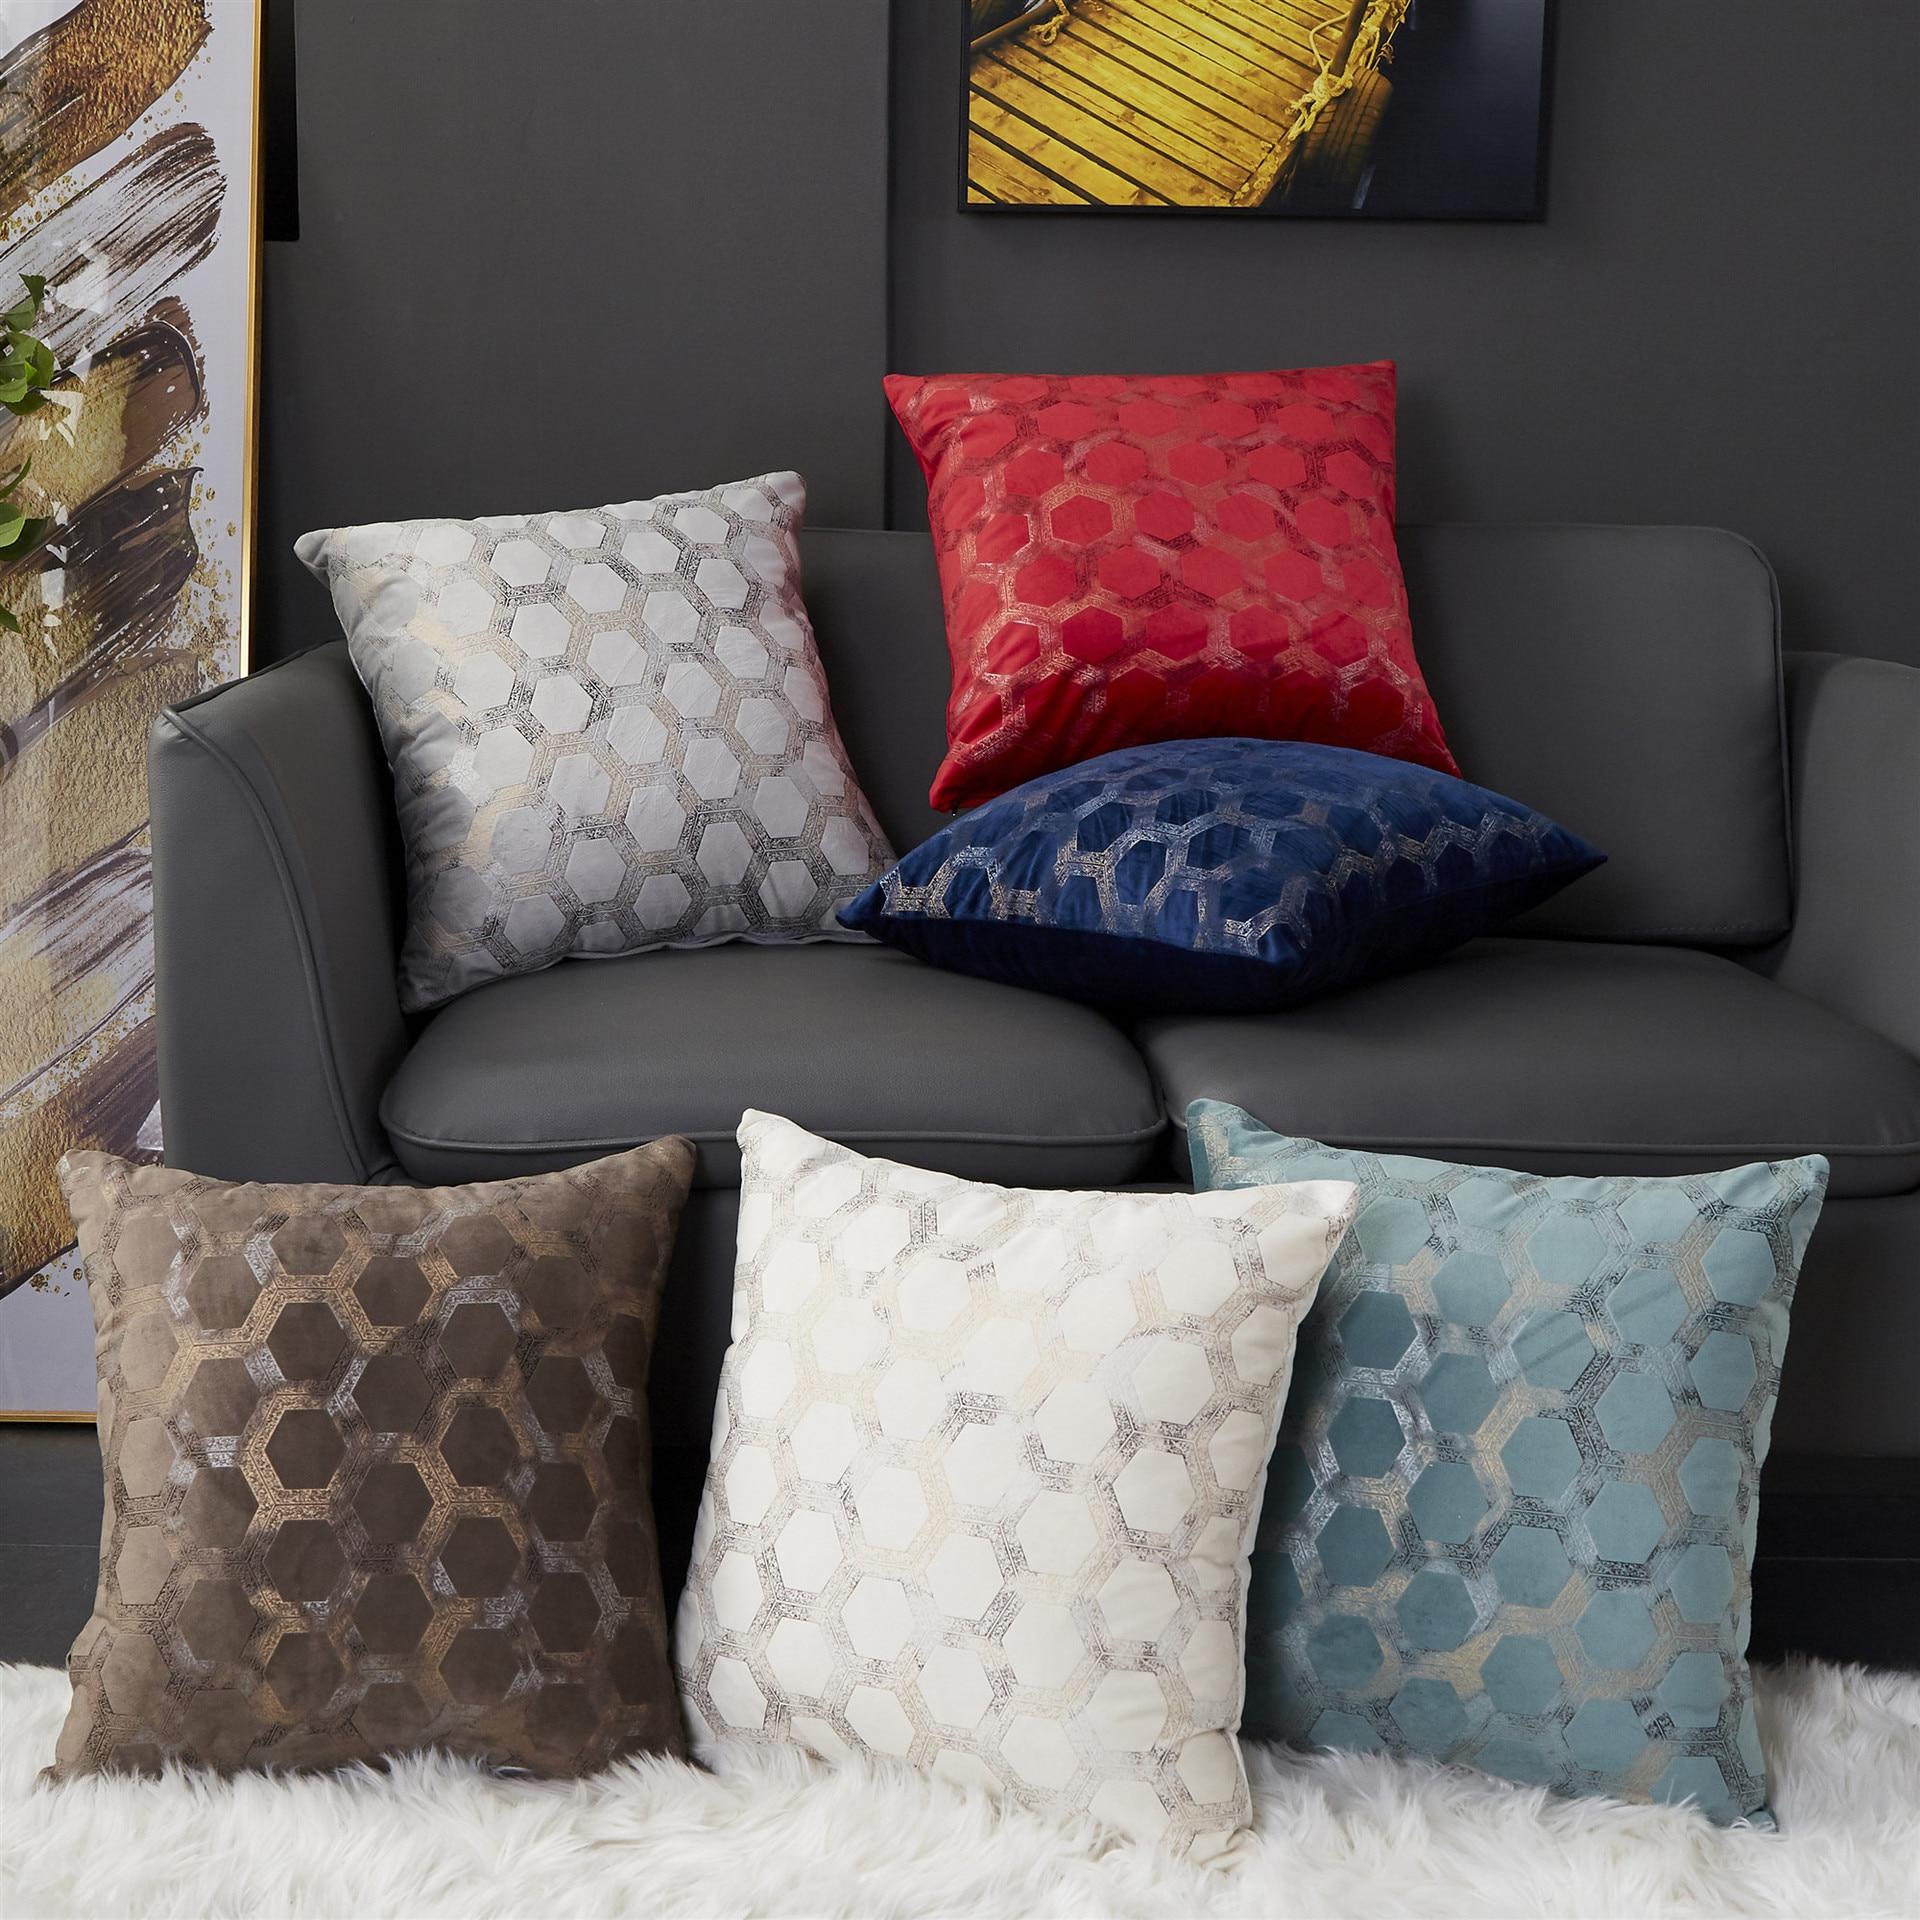 Yumuşak kadife yastık kılıfı minder örtüsü fildişi gri kırmızı mavi kahve Geoemtric ev dekoratif kanepe Bed45x45cm